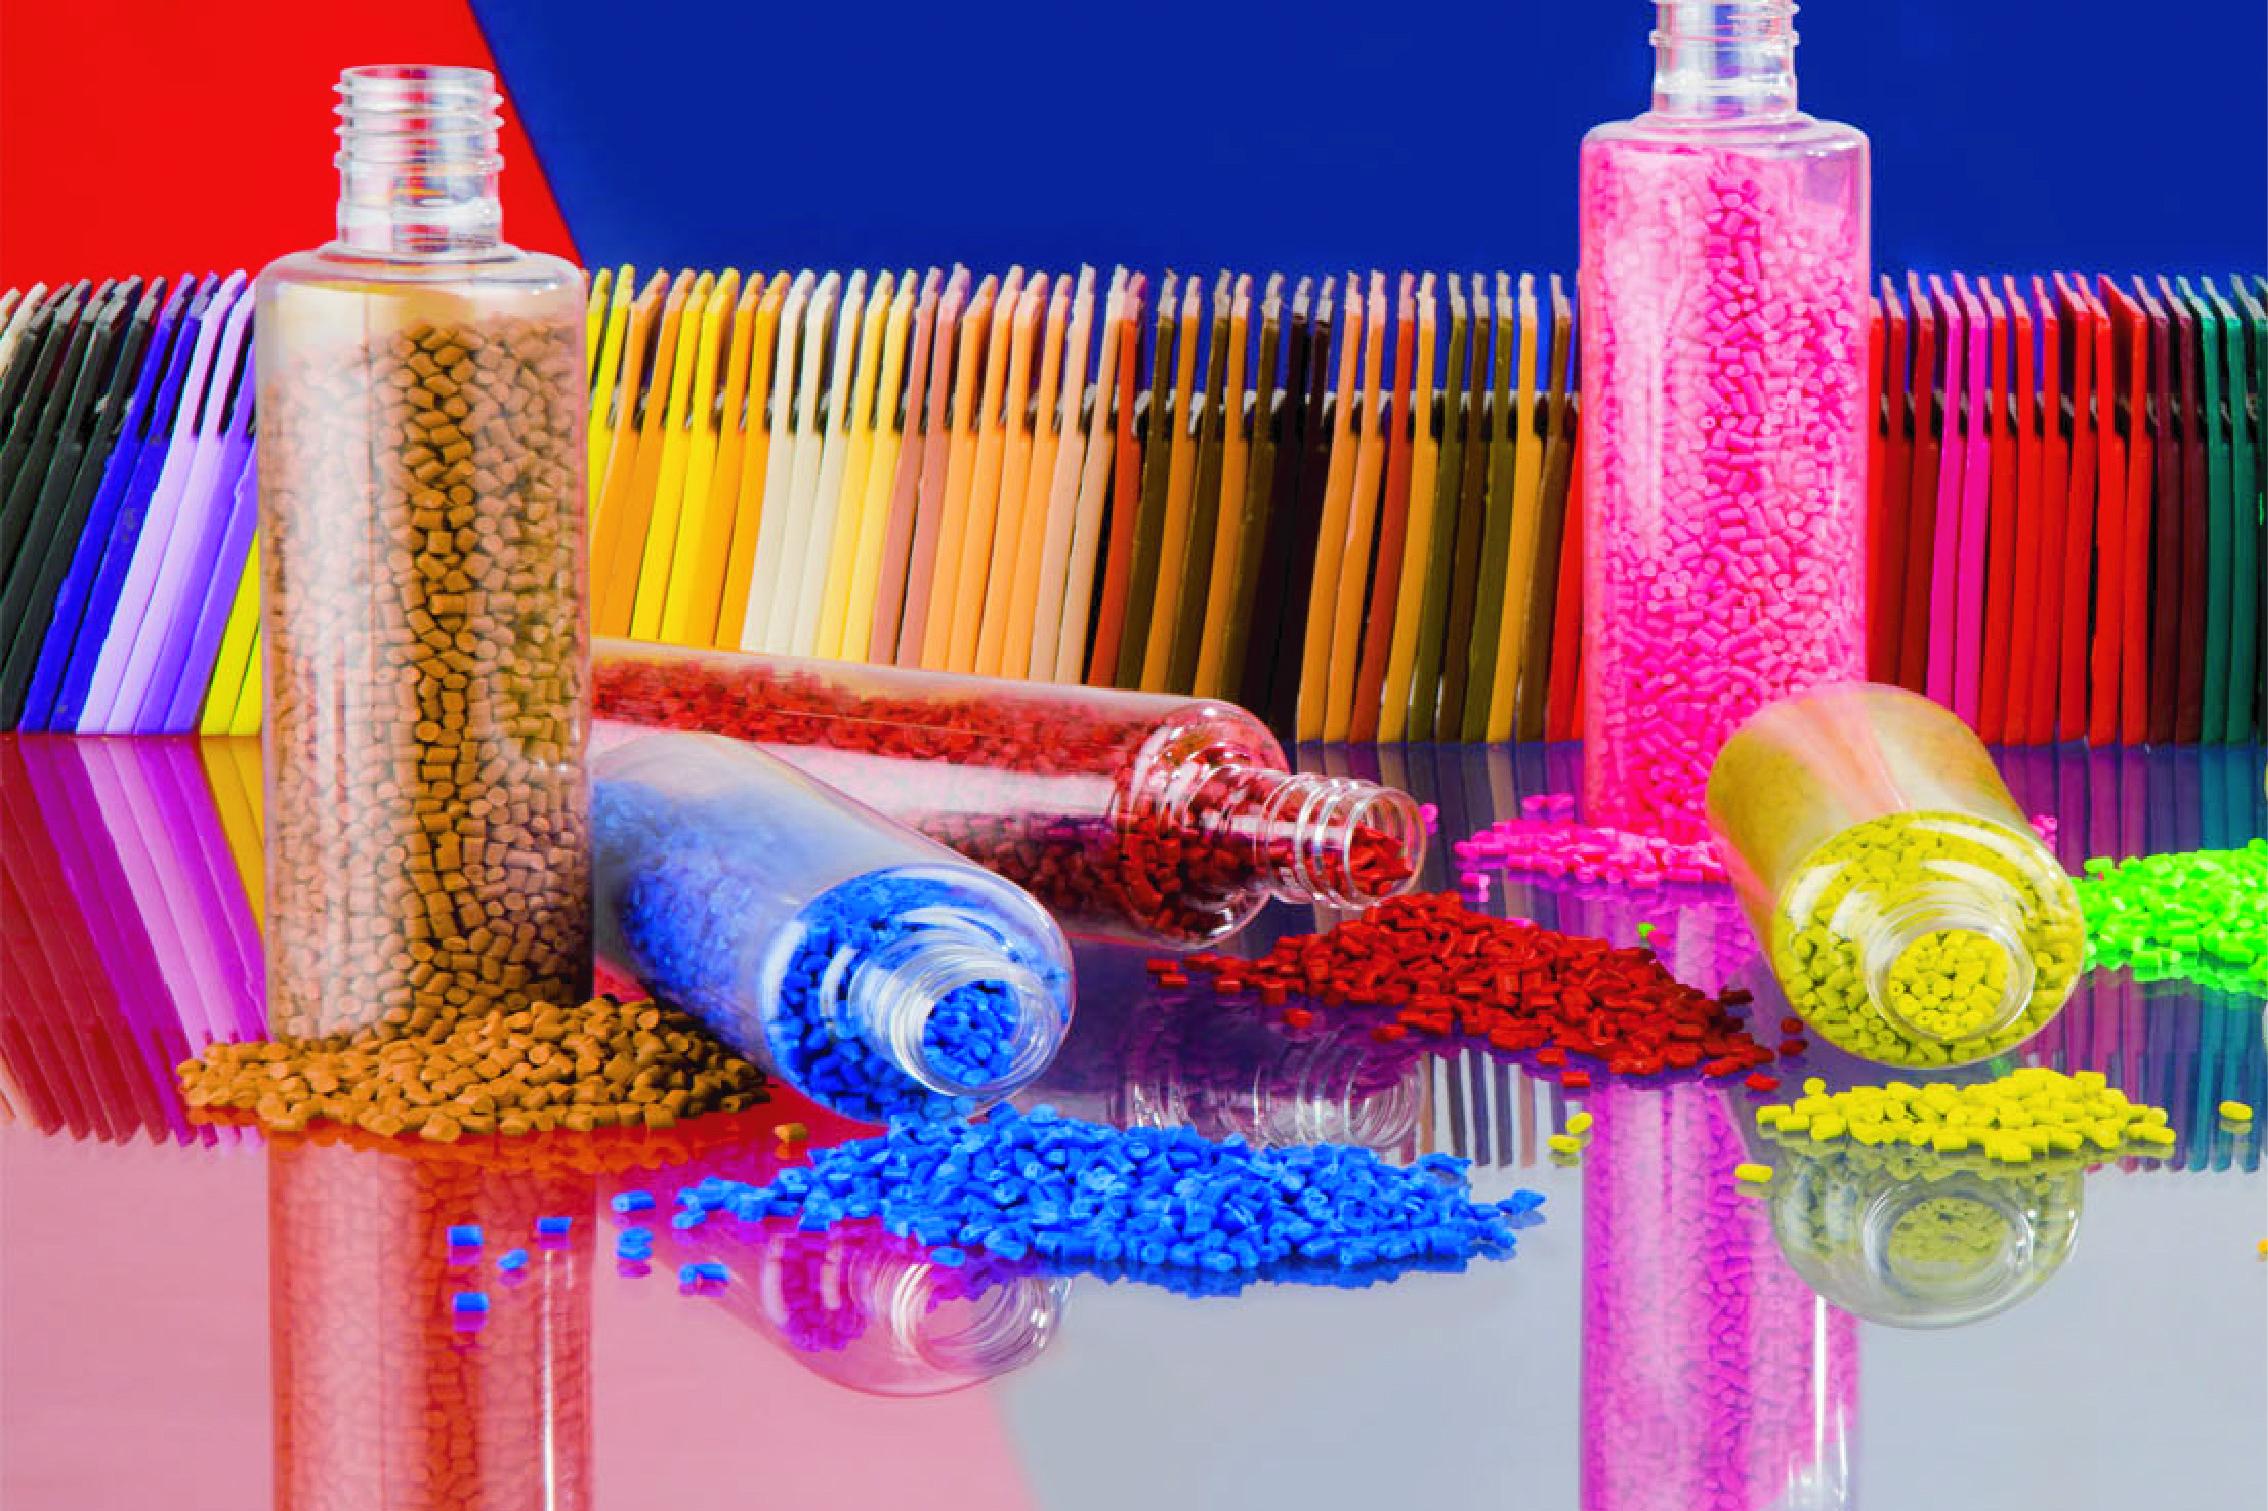 Hạt nhựa nguyên sinh - may túi xách pp theo yêu cầu